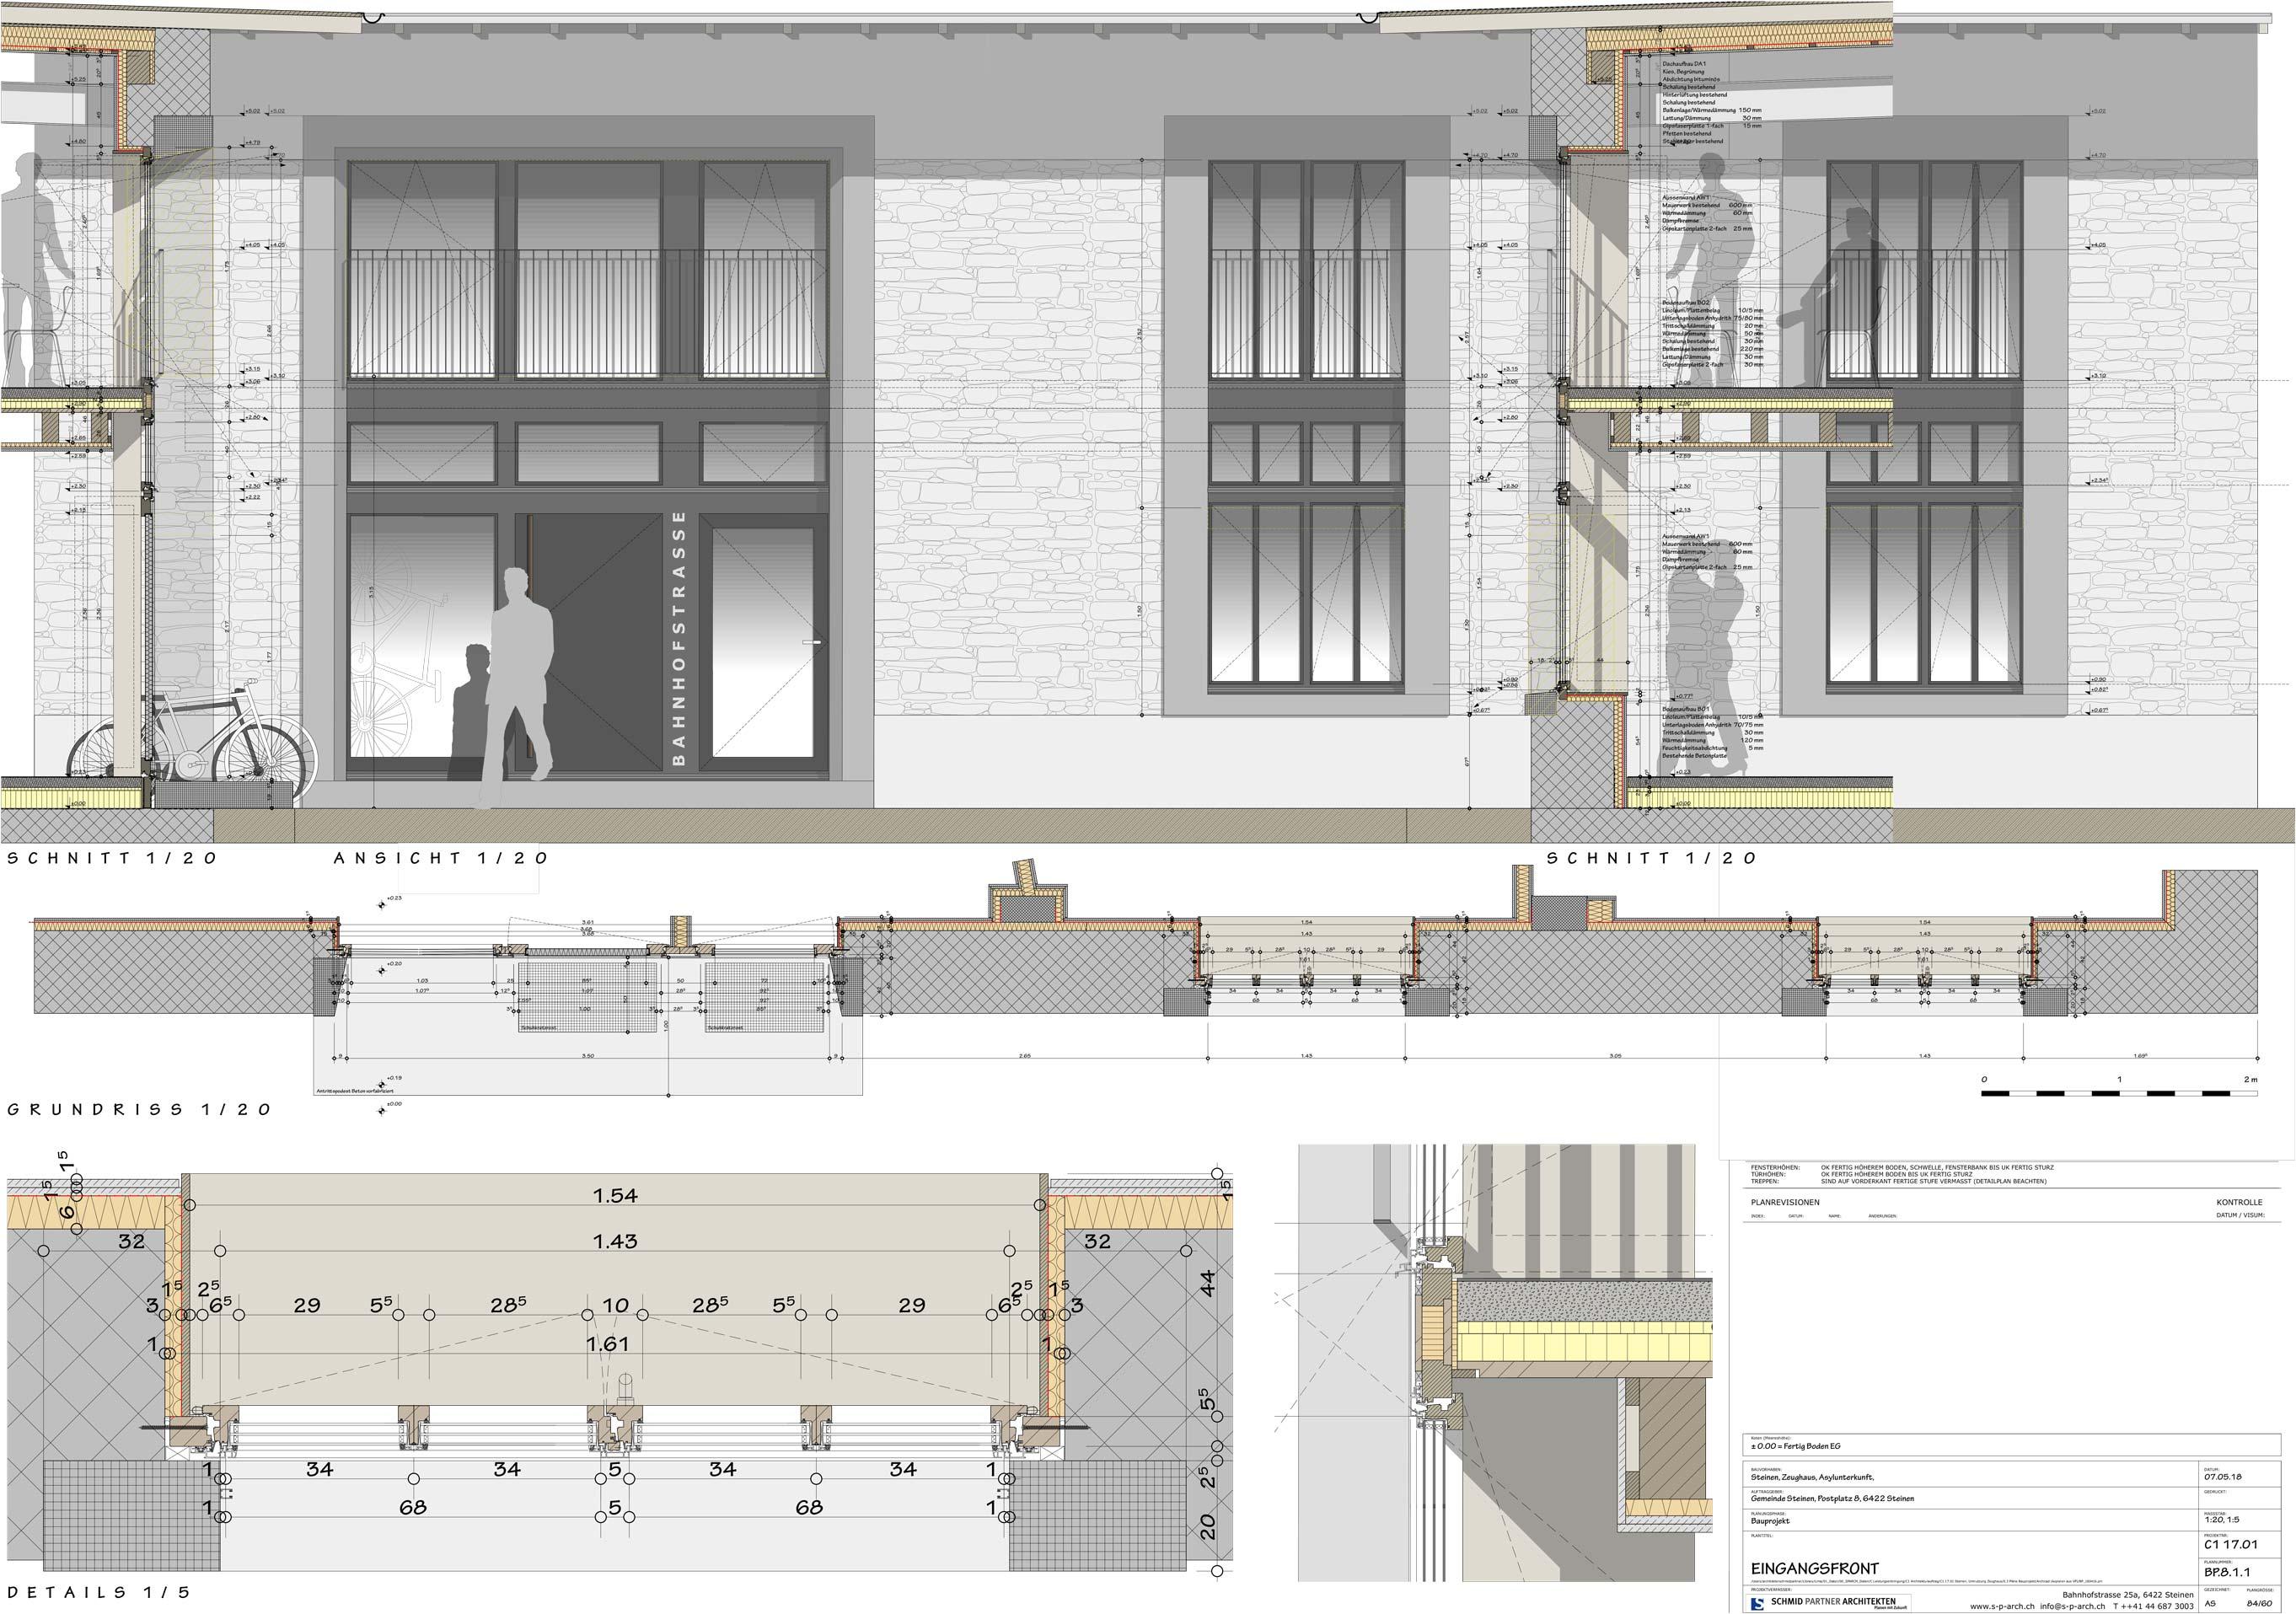 Schmid Partner Architekten Bauerneuerung C11701 BP.8.1.1 EINGANGSFRONT